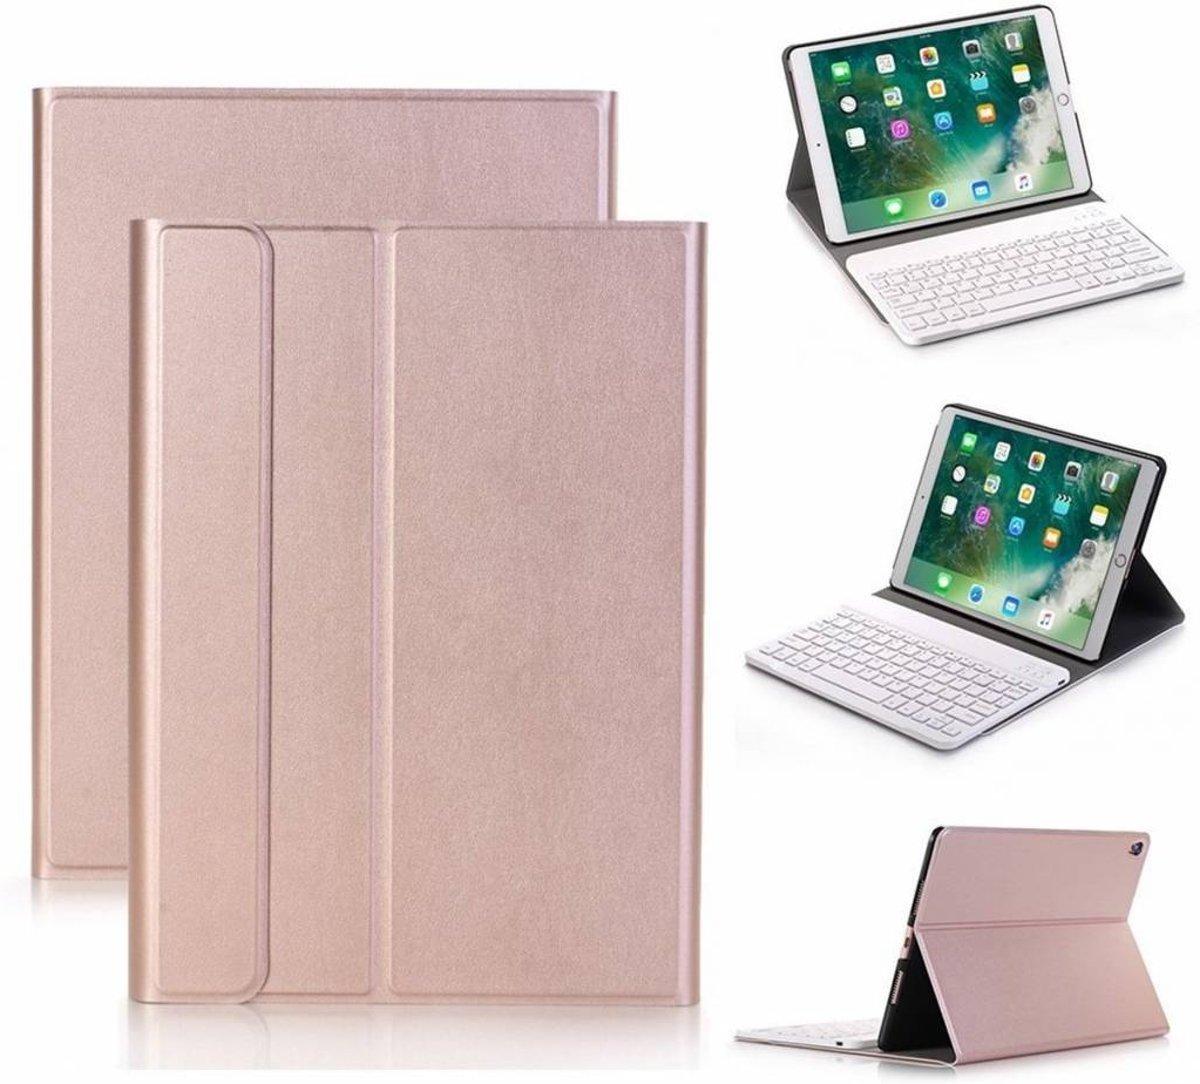 Rose Goud Magnetically Detachable / Wireless Bluetooth Keyboard hoes met toetsenbord voor Apple iPad (2018) / Air 1 / 2 / iPad Pro 9.7 inch / iPad 2017